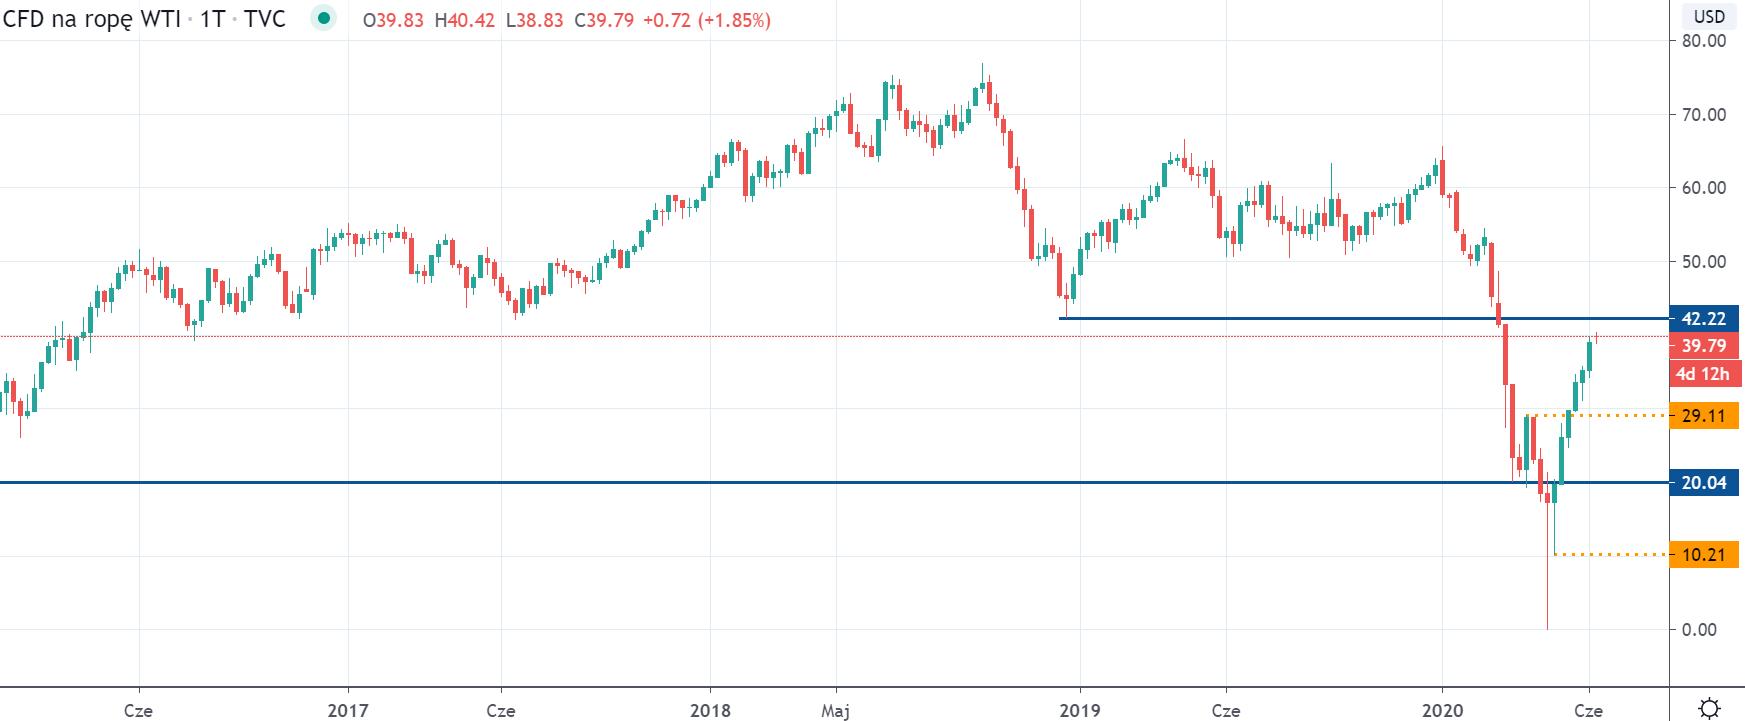 Kurs ropy WTI na interwale tygodniowym, tradingview